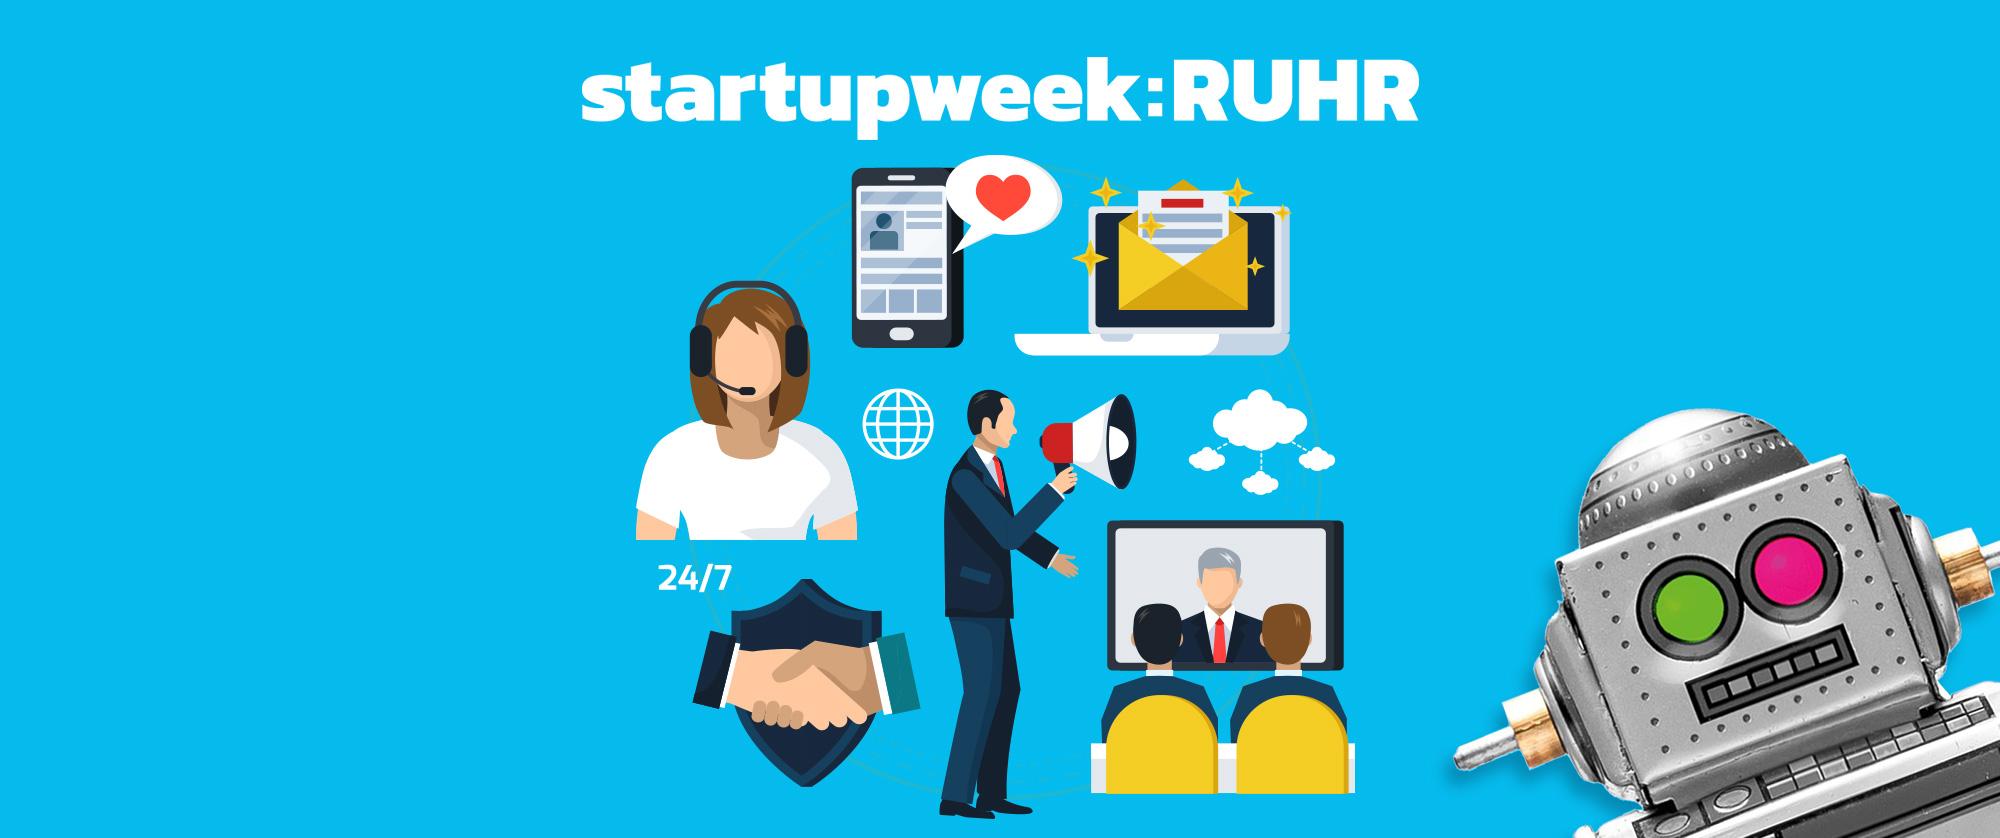 Camp Essen - Startupweek 2018 Kaltakquise